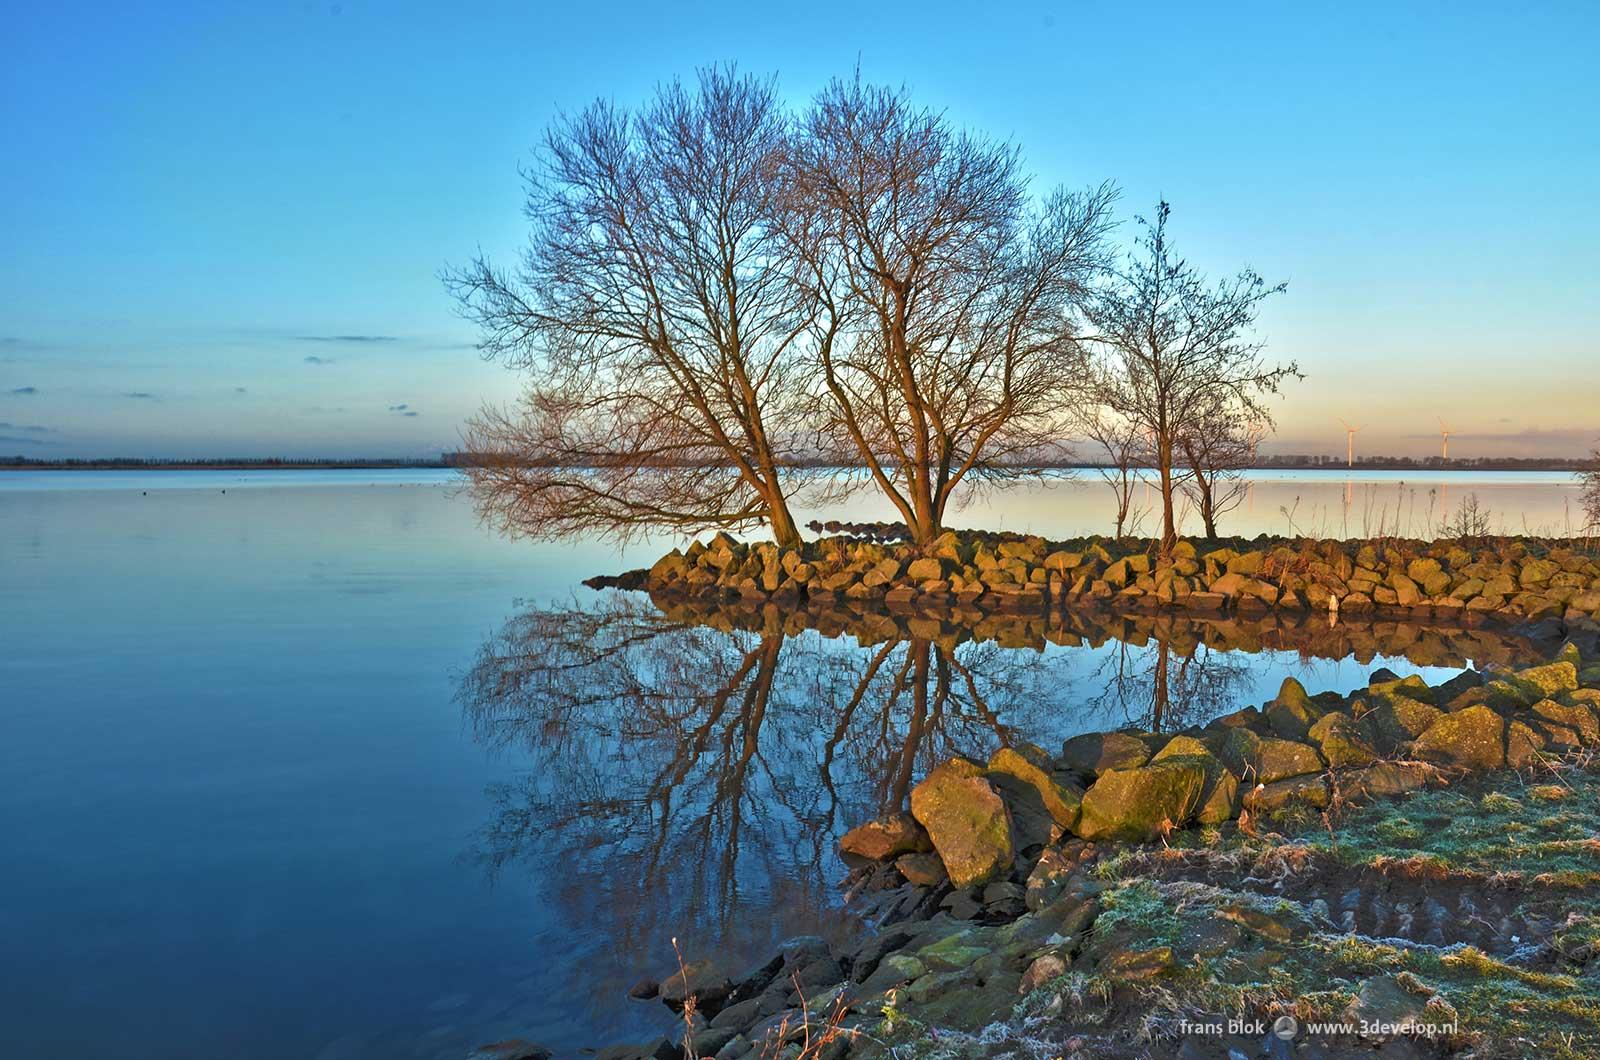 De Korendijkse Slikken op Paasochtend 2015: reflectie van bomen in het Haringvliet